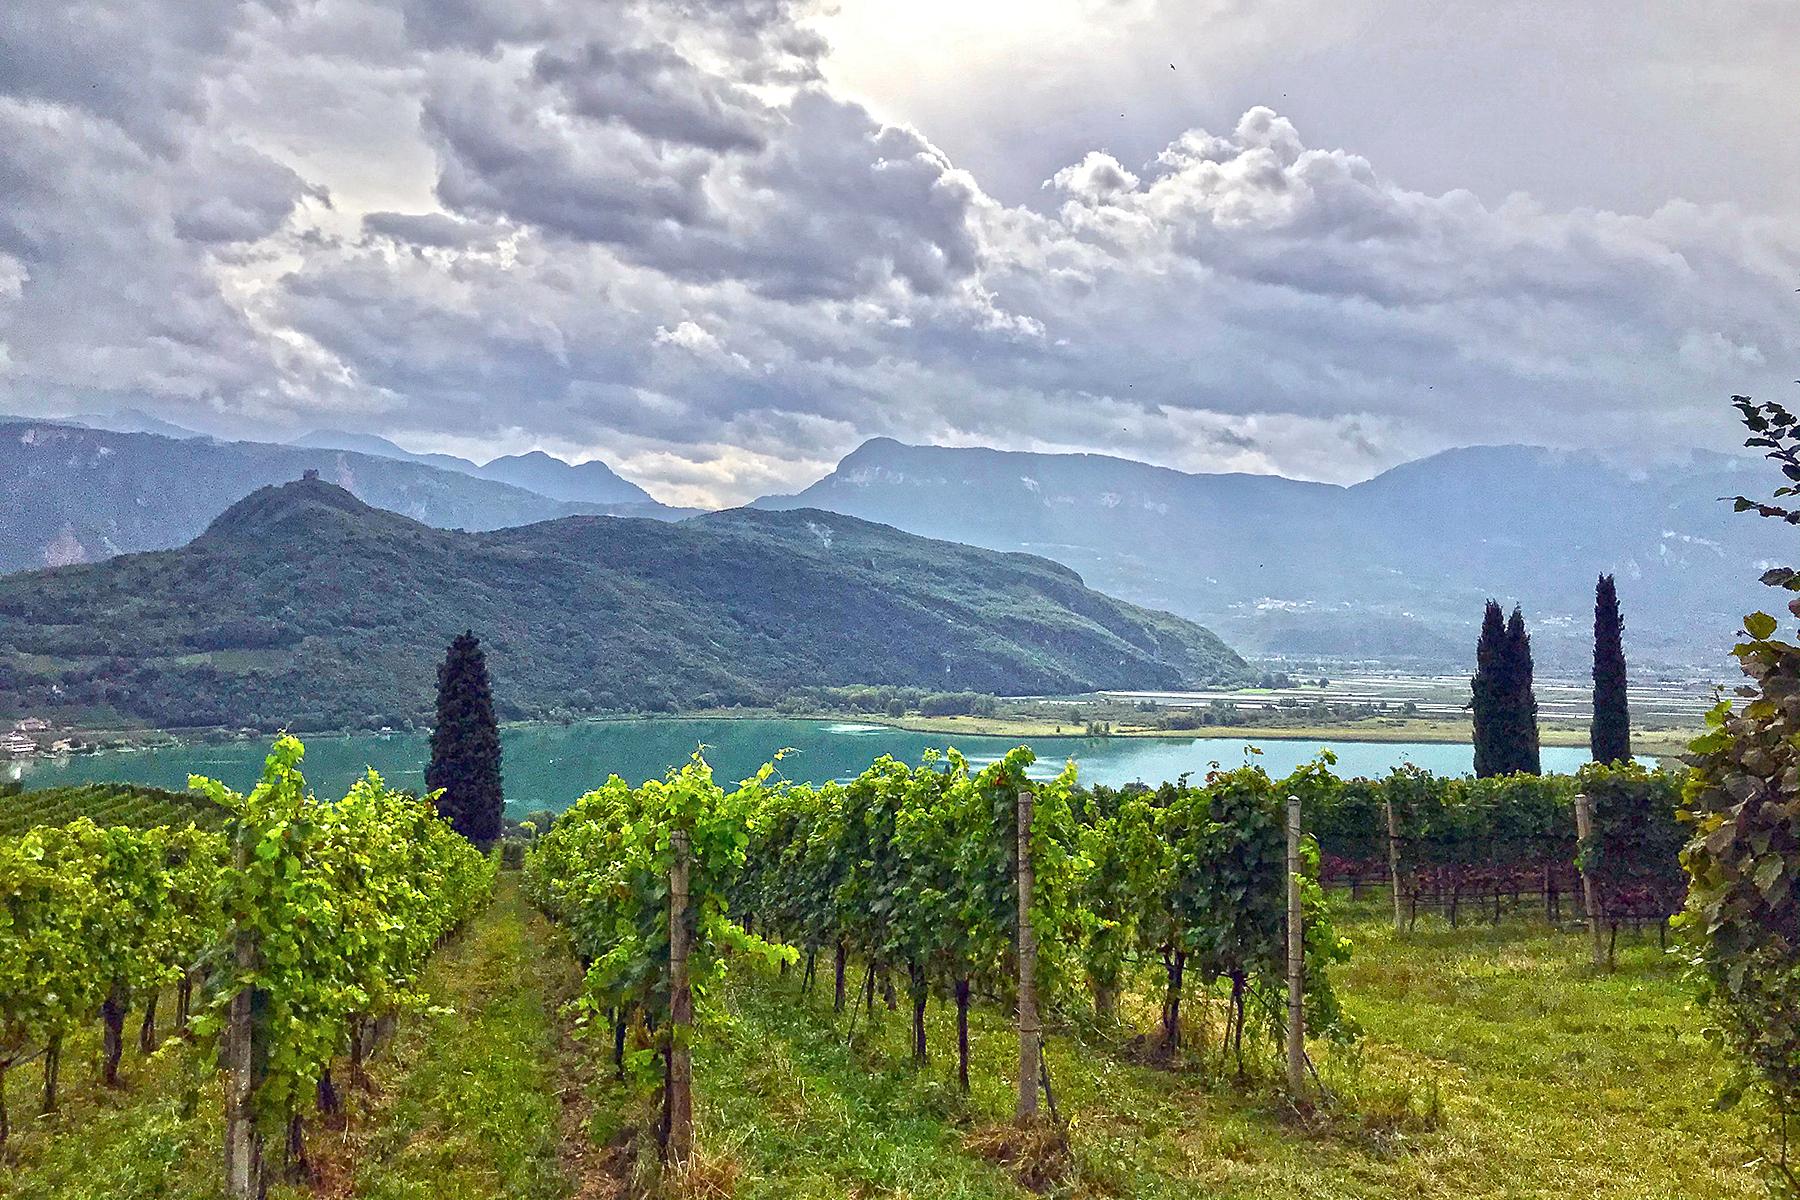 Wein-Reisen: Tipps für Weinbauregionen, Weinstraßen & Winzer-Hotels